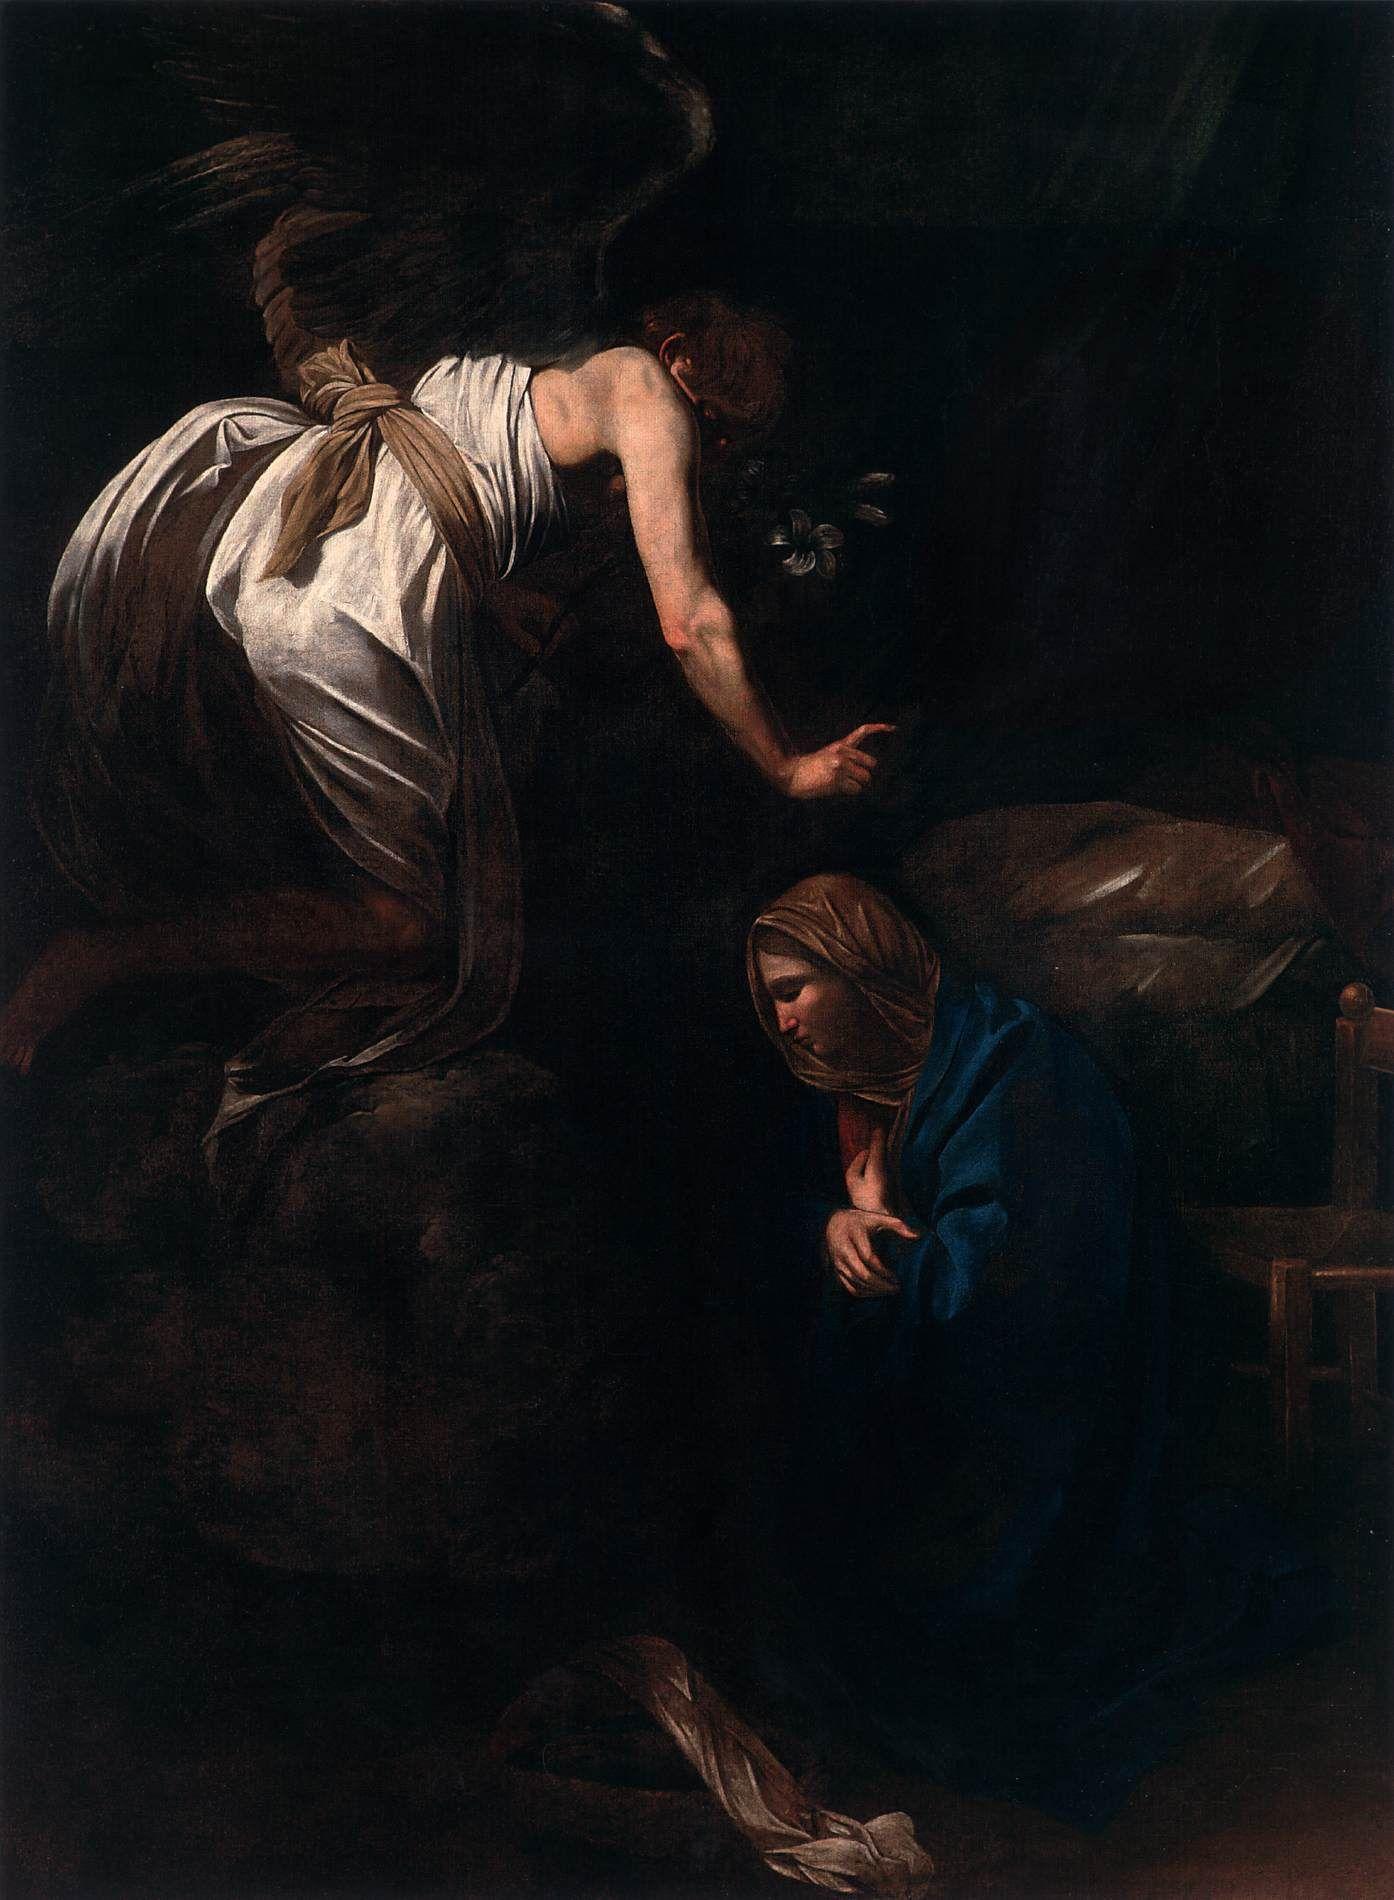 1571 - 1610 Caravaggio, The Annunciation, 1608-09